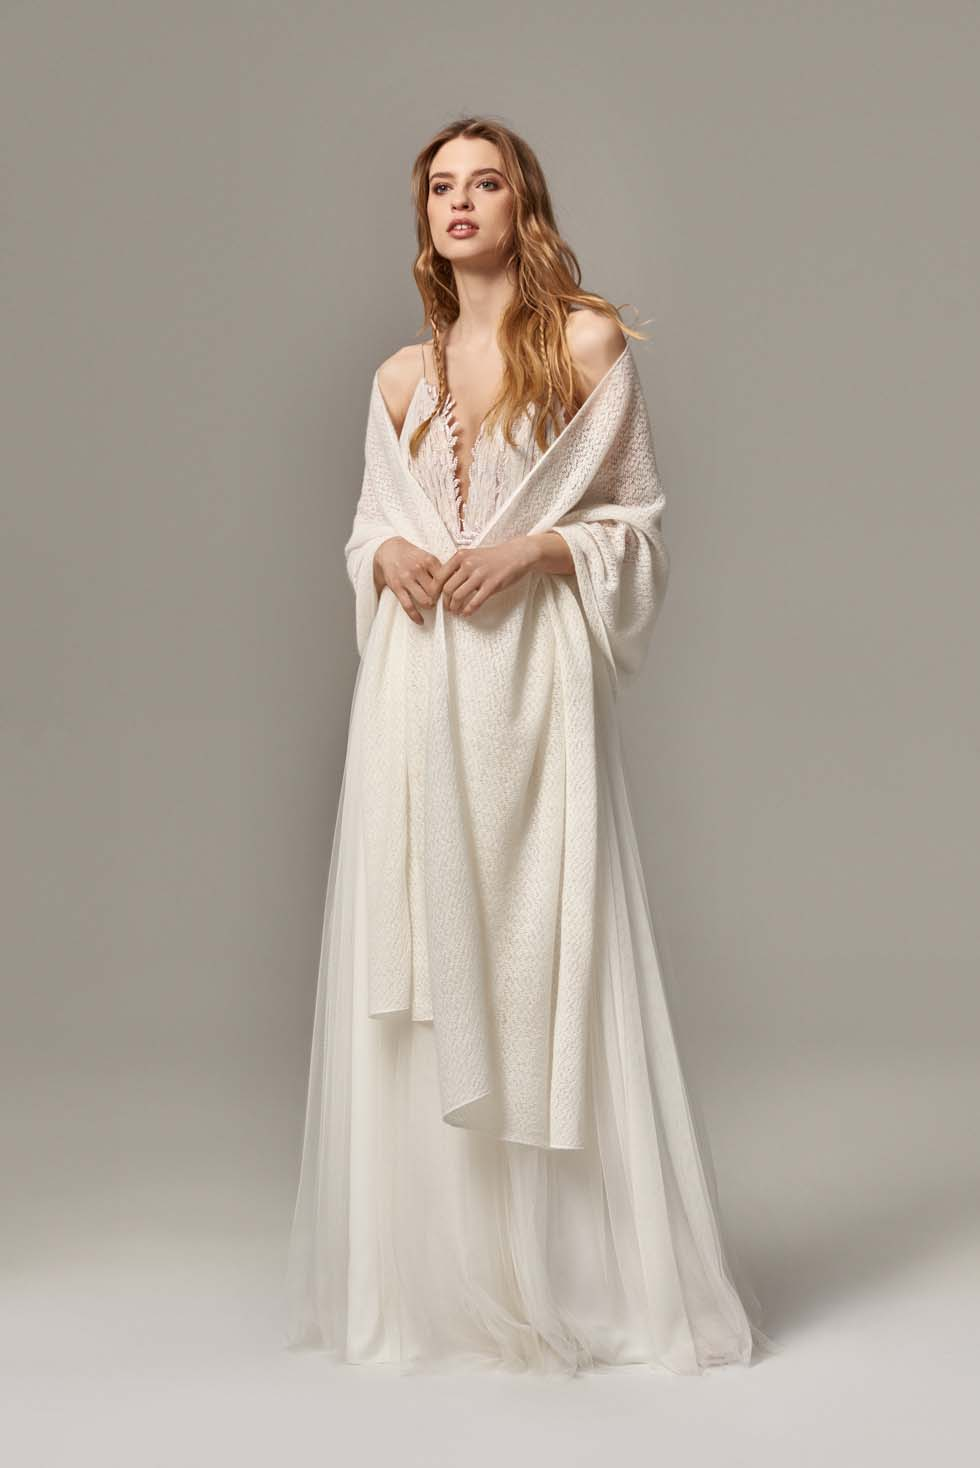 Schal für Brautkleid